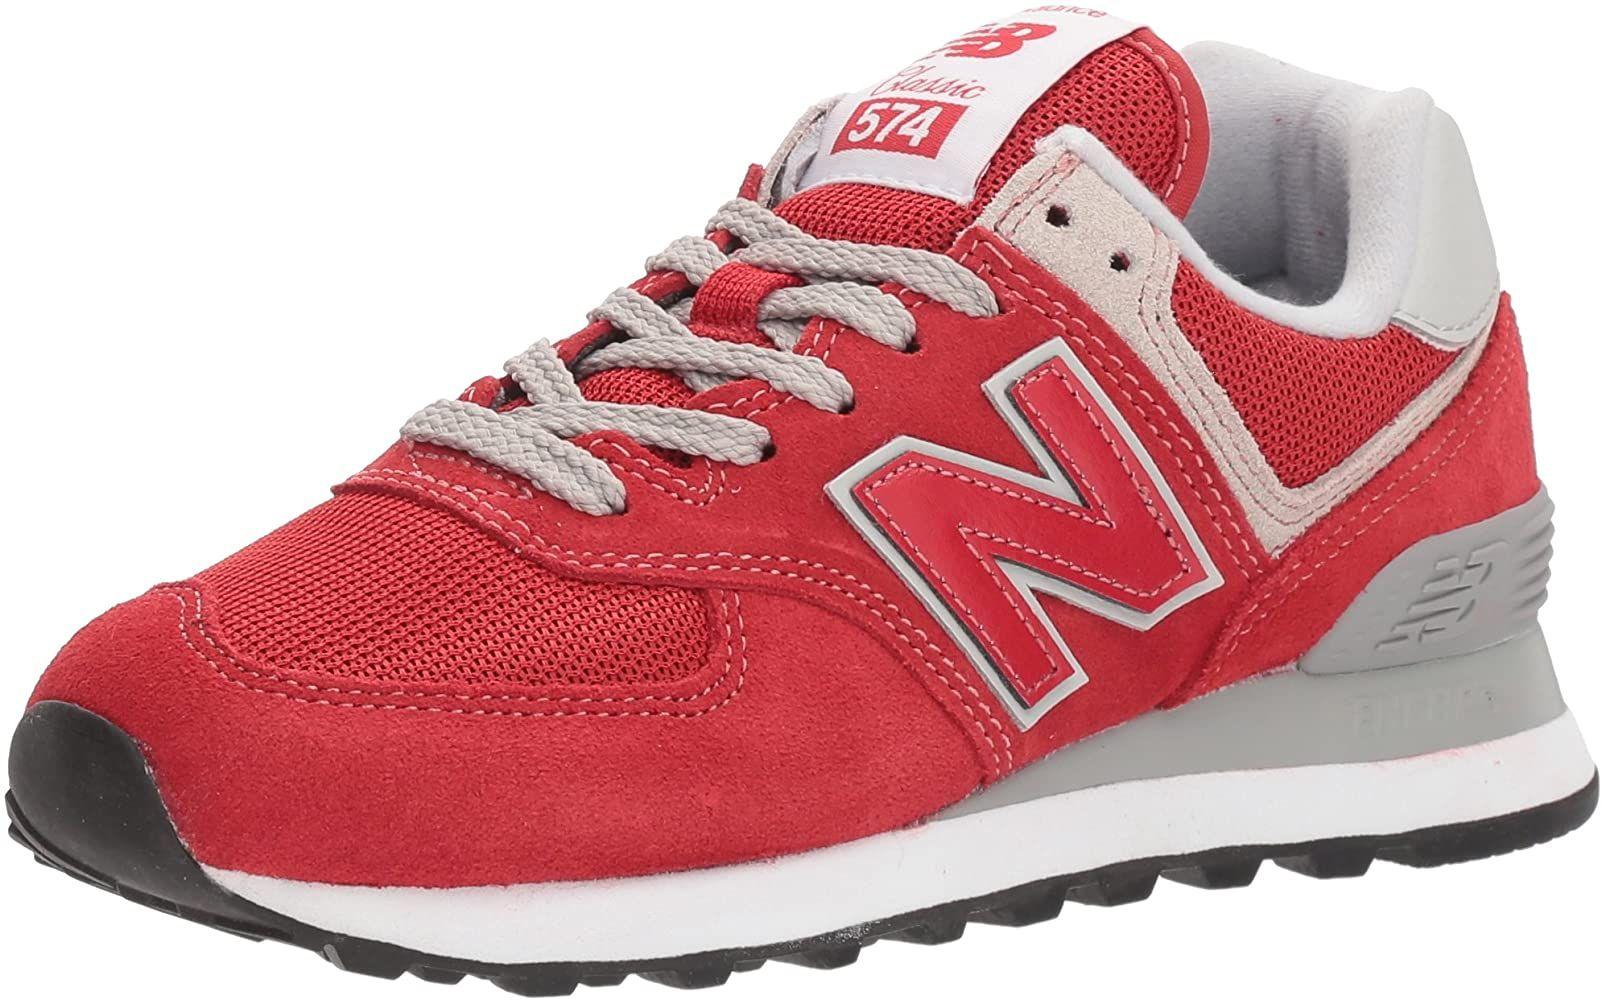 New Balance Herren Ml574e Sneaker Rot Team Red Ml574erd 41 5 Eu Amazon De Schuhe Handtaschen Modische Turnschuhe New Balance Schuhe Sneakers Mode